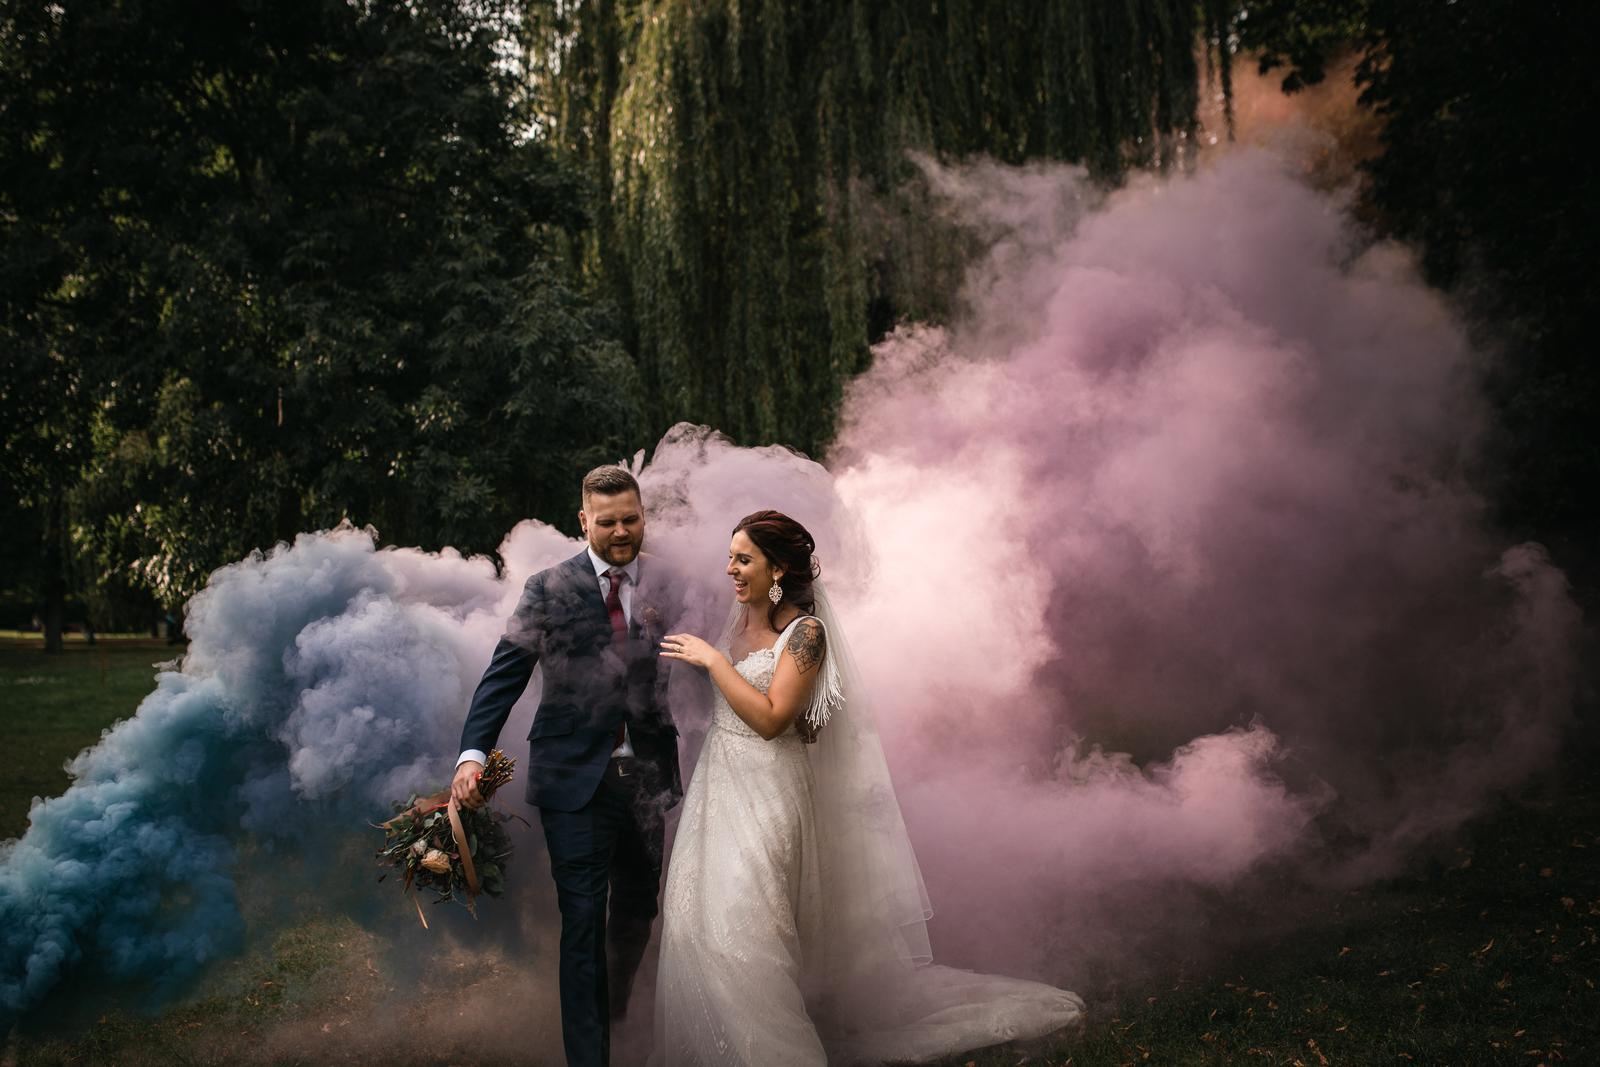 terka_photo - Když vás kouř pořád dohání :)